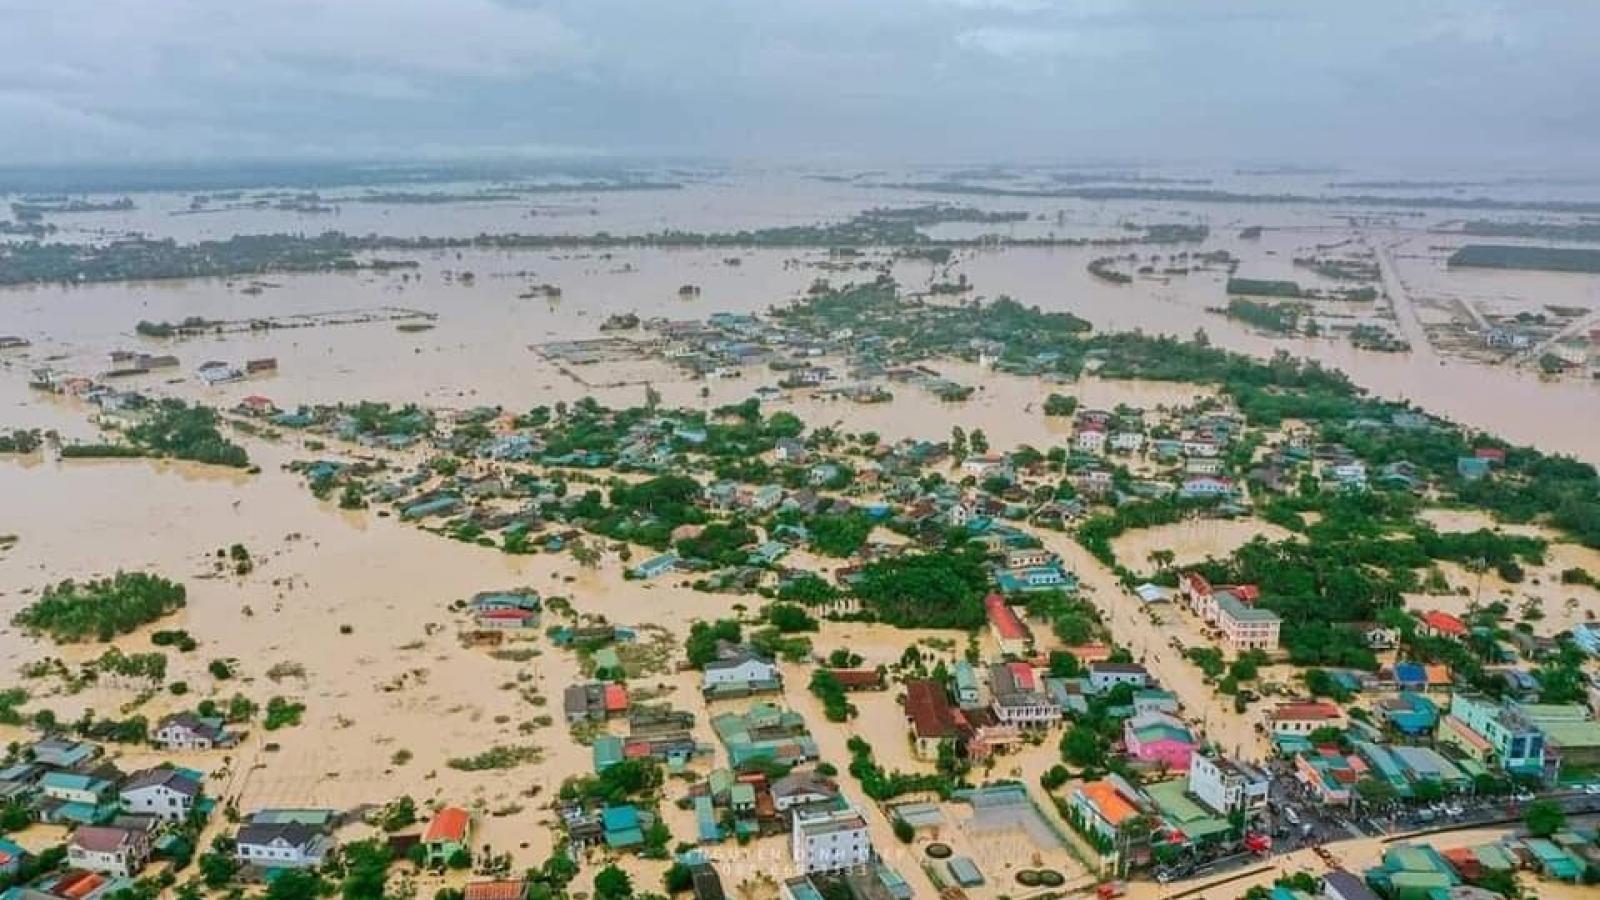 Lũ ở Lào chưa rút, nhiều nơi tiếp tục có mưa lớn trong những ngày tới